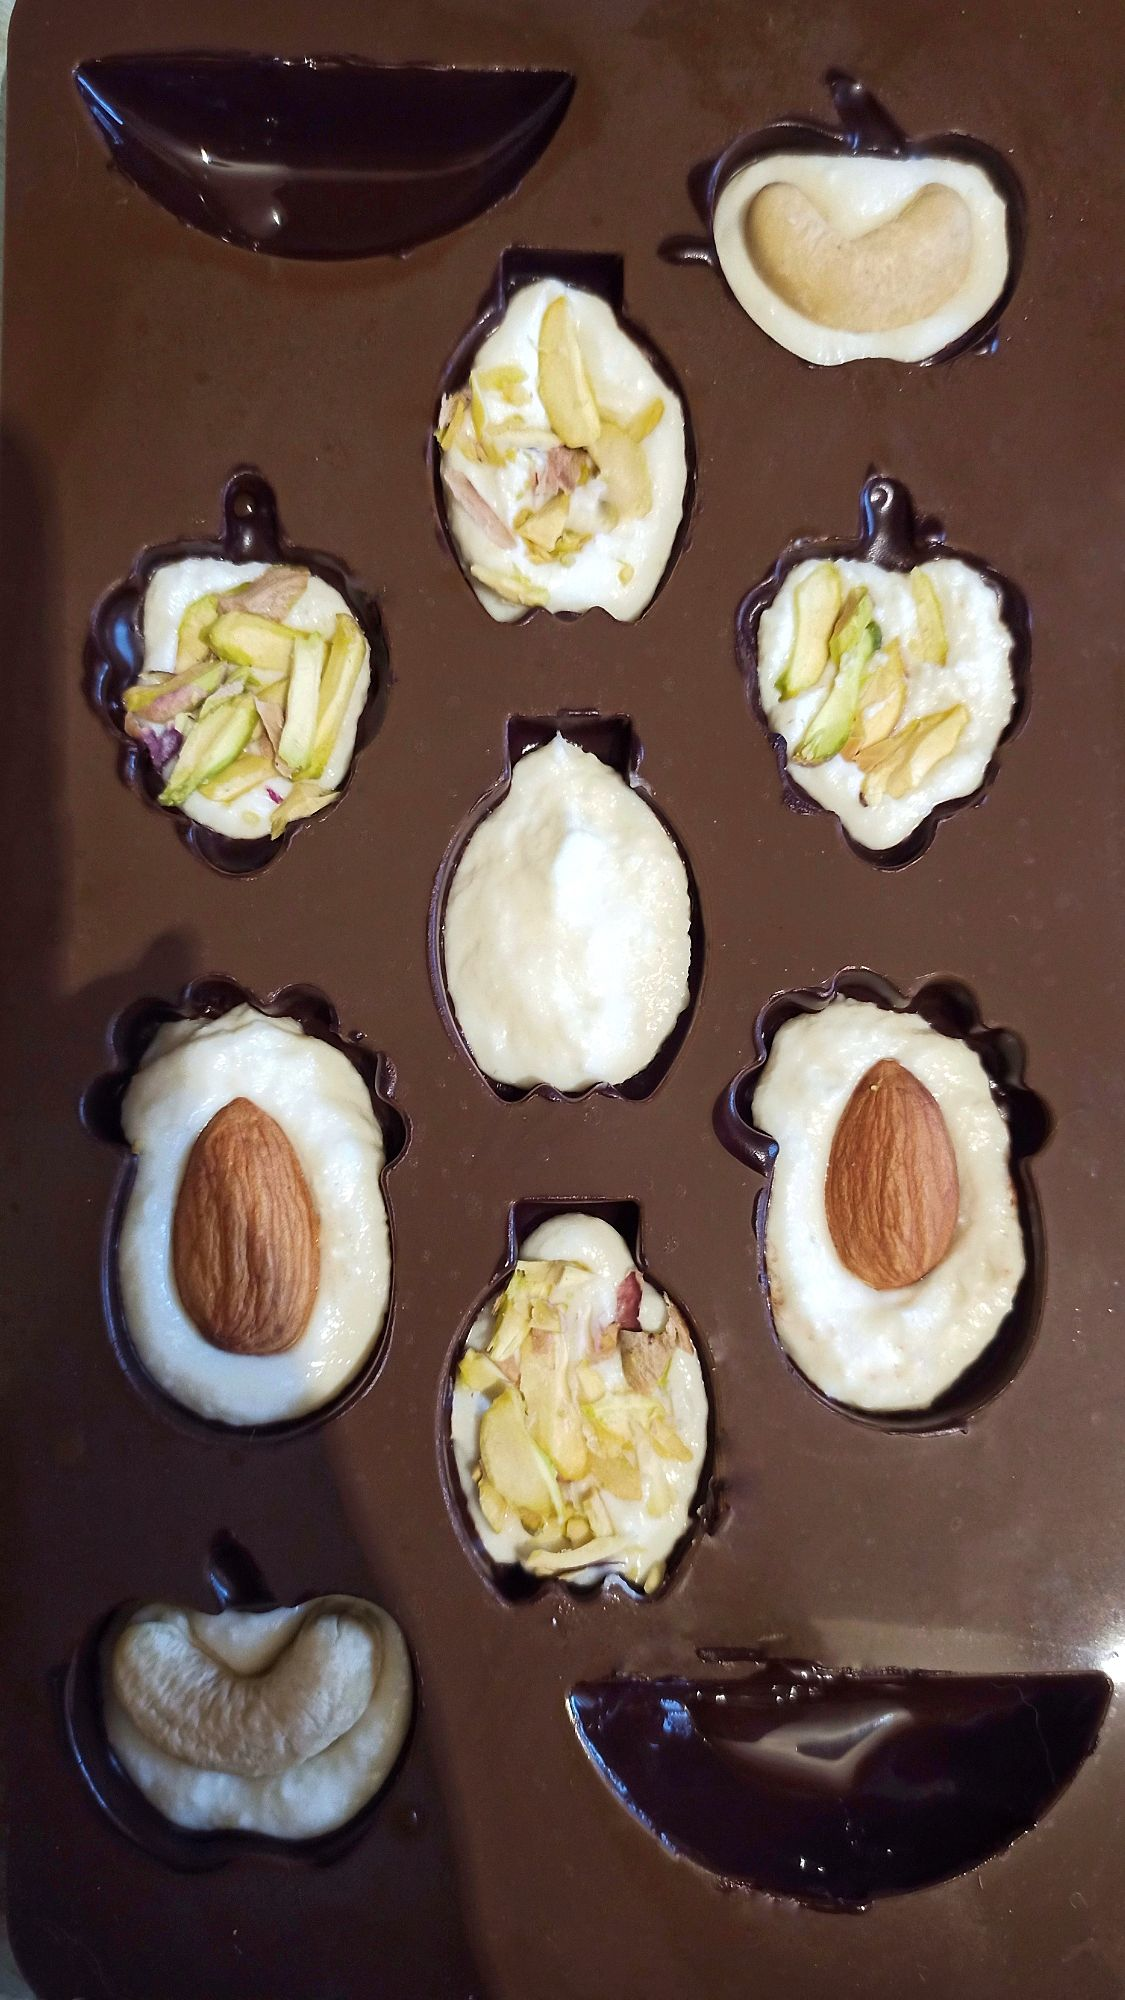 Для молочной начинки 30г сухого молока соединить с кокосовым молоком до консистенции сметаны, выложить на застывший шоколад вместе с рубленными орешками, сверху залить слоем шоколада